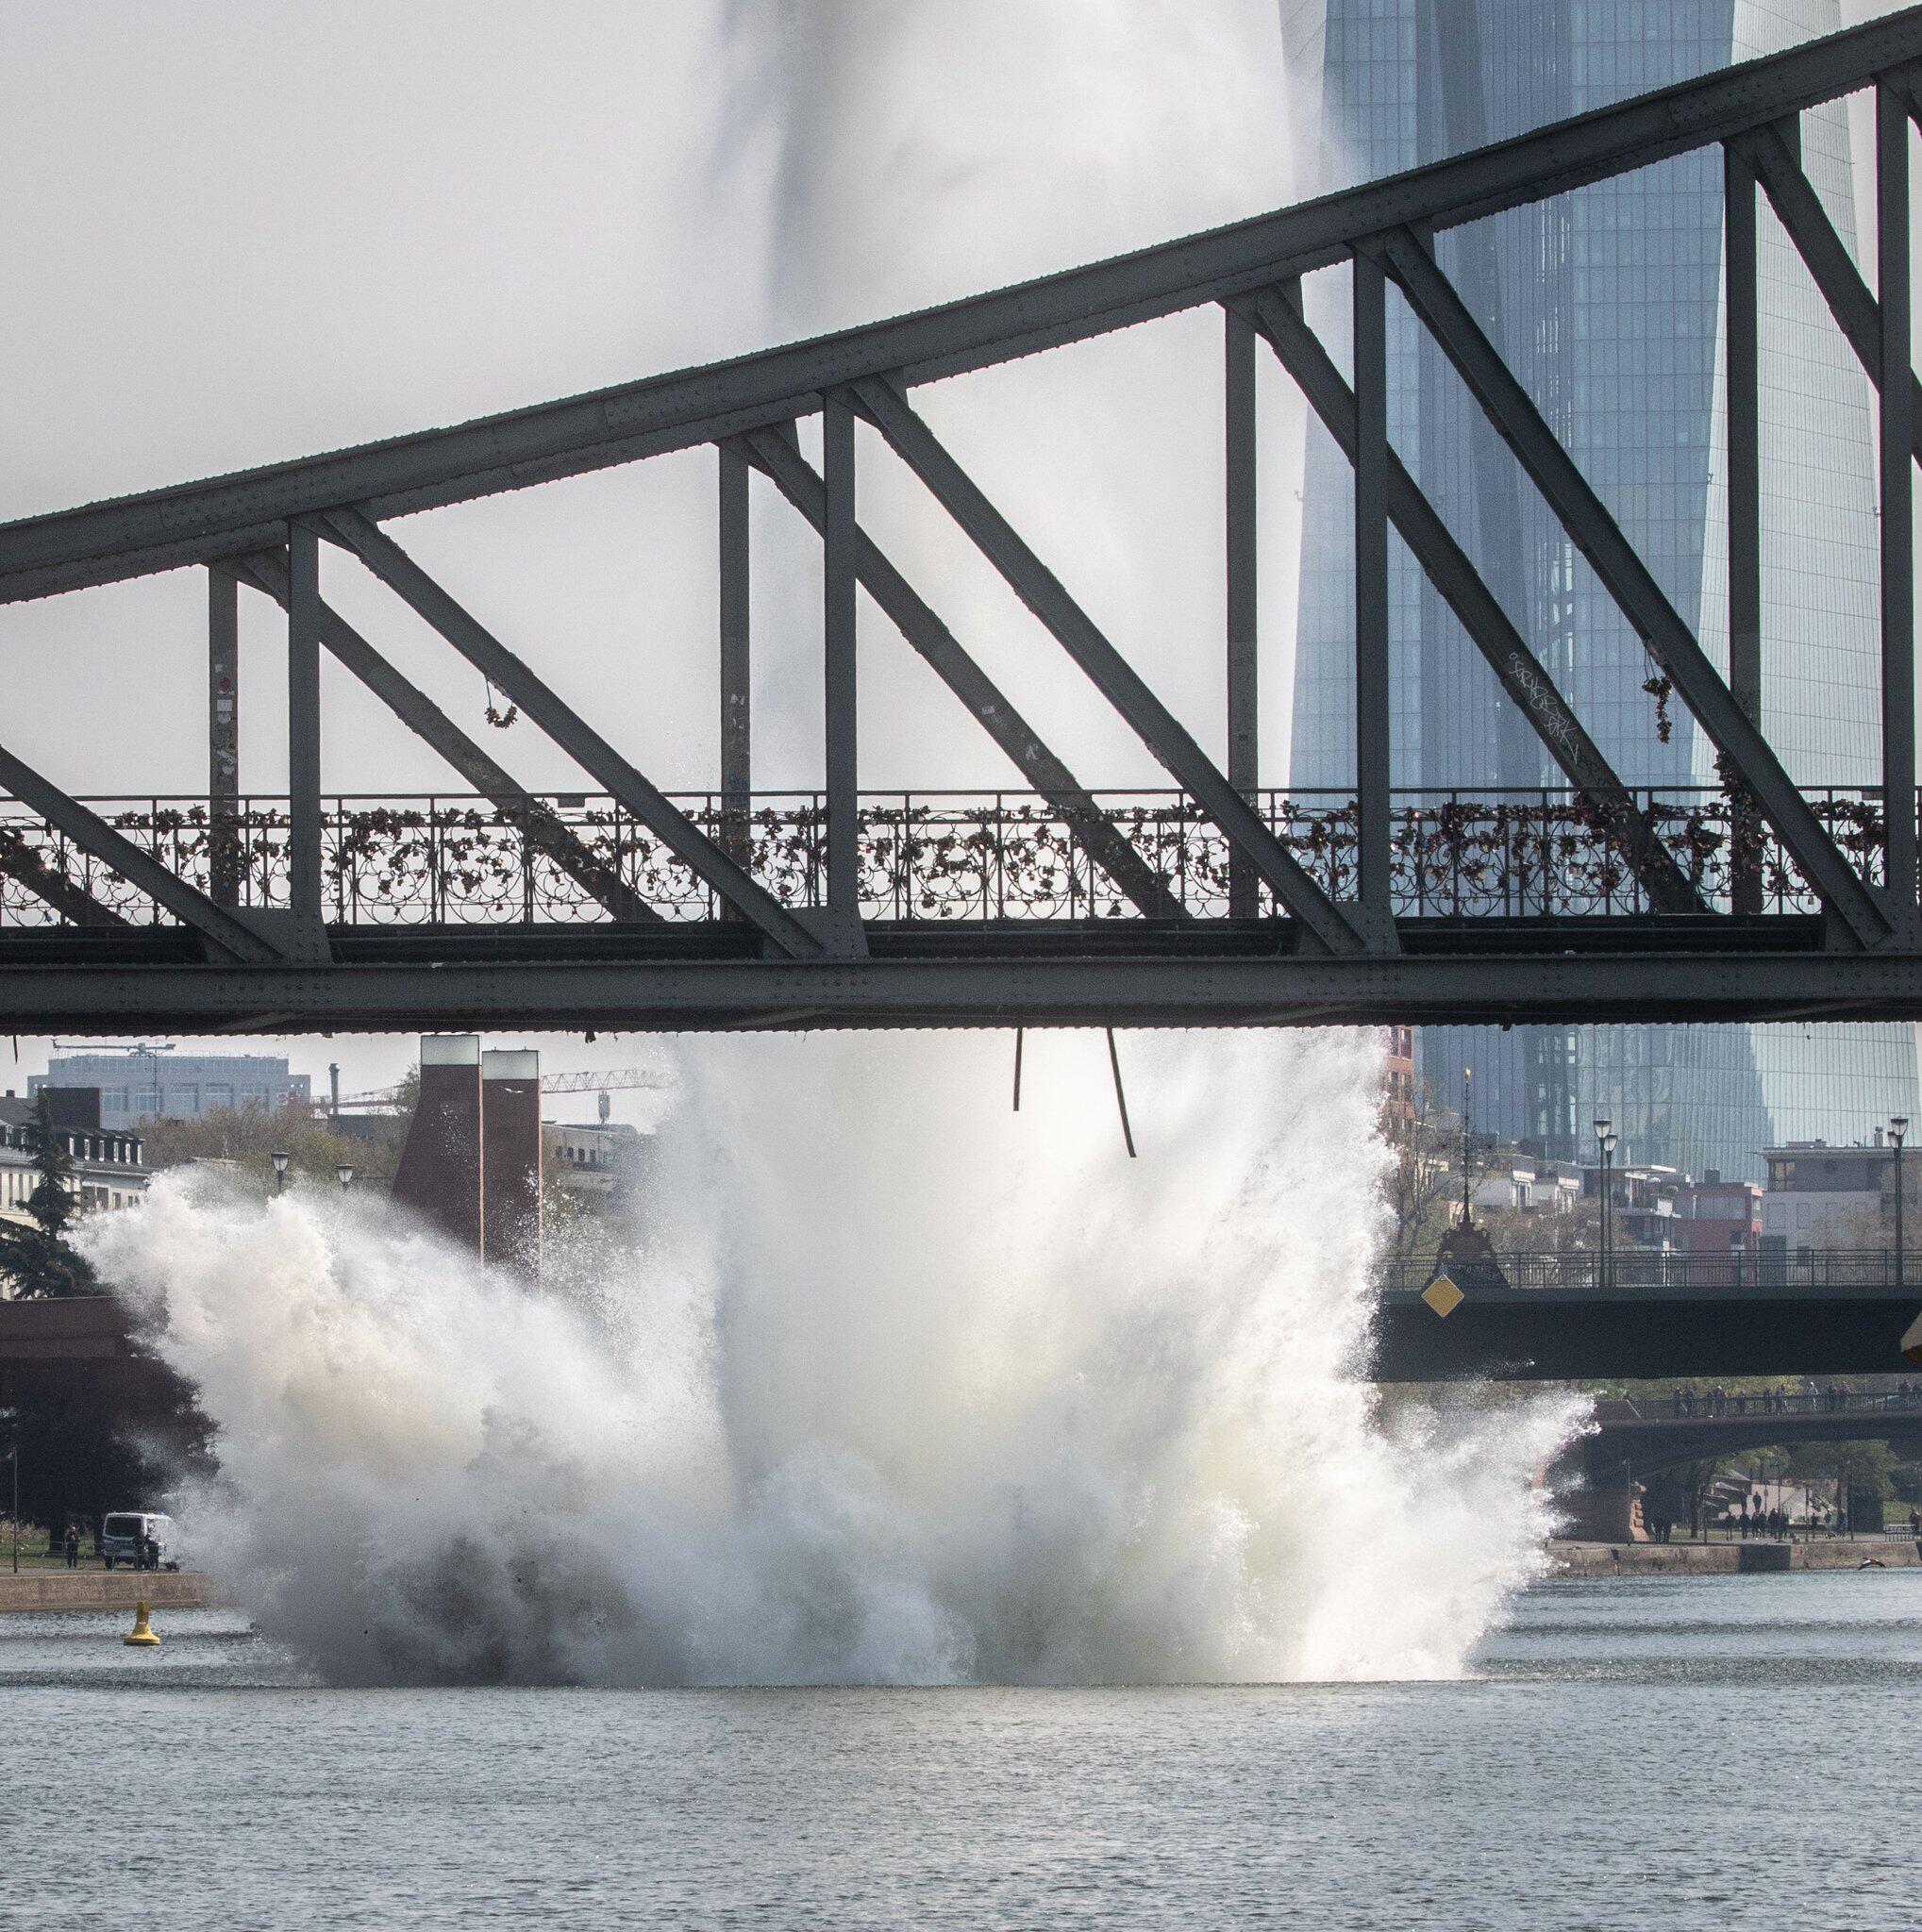 Bild zu Frankfurt am Main, Frankfurt, Weltkriegsbombe, Sprengung, Main, Bombe, Eiserner Steg